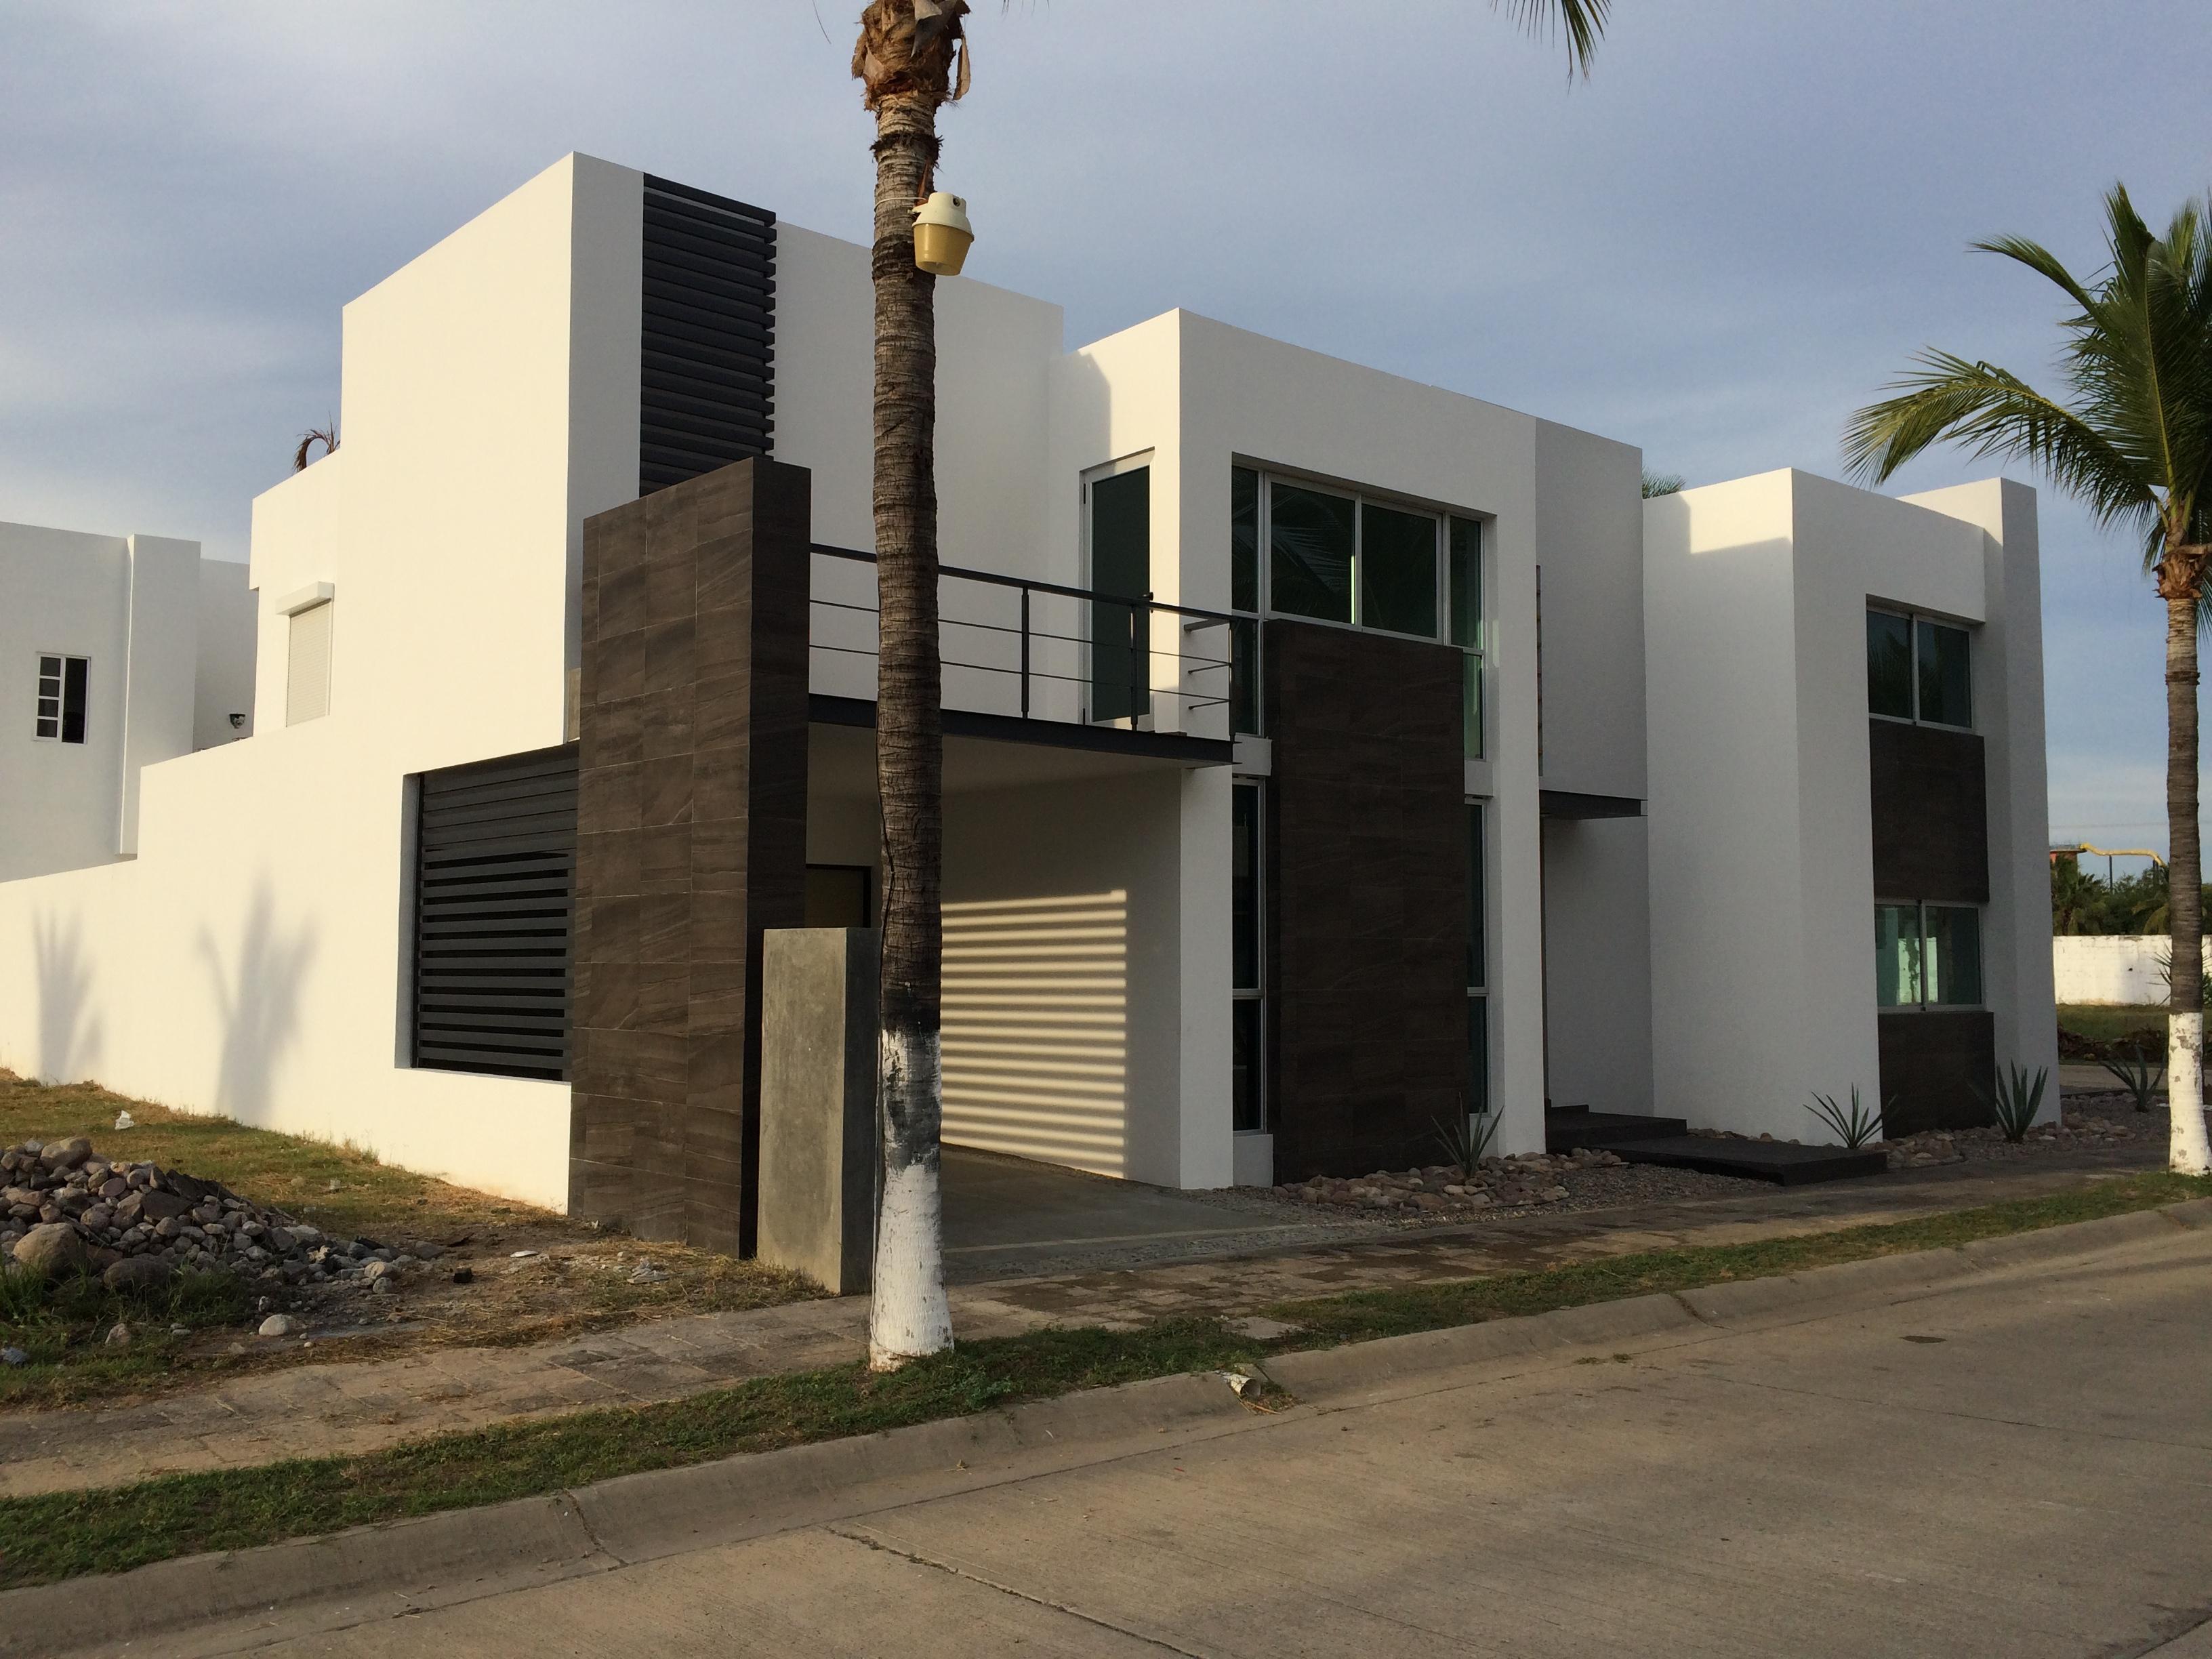 !Estrenalas!, Casas nuevas amuebladas en Cerritos Resort